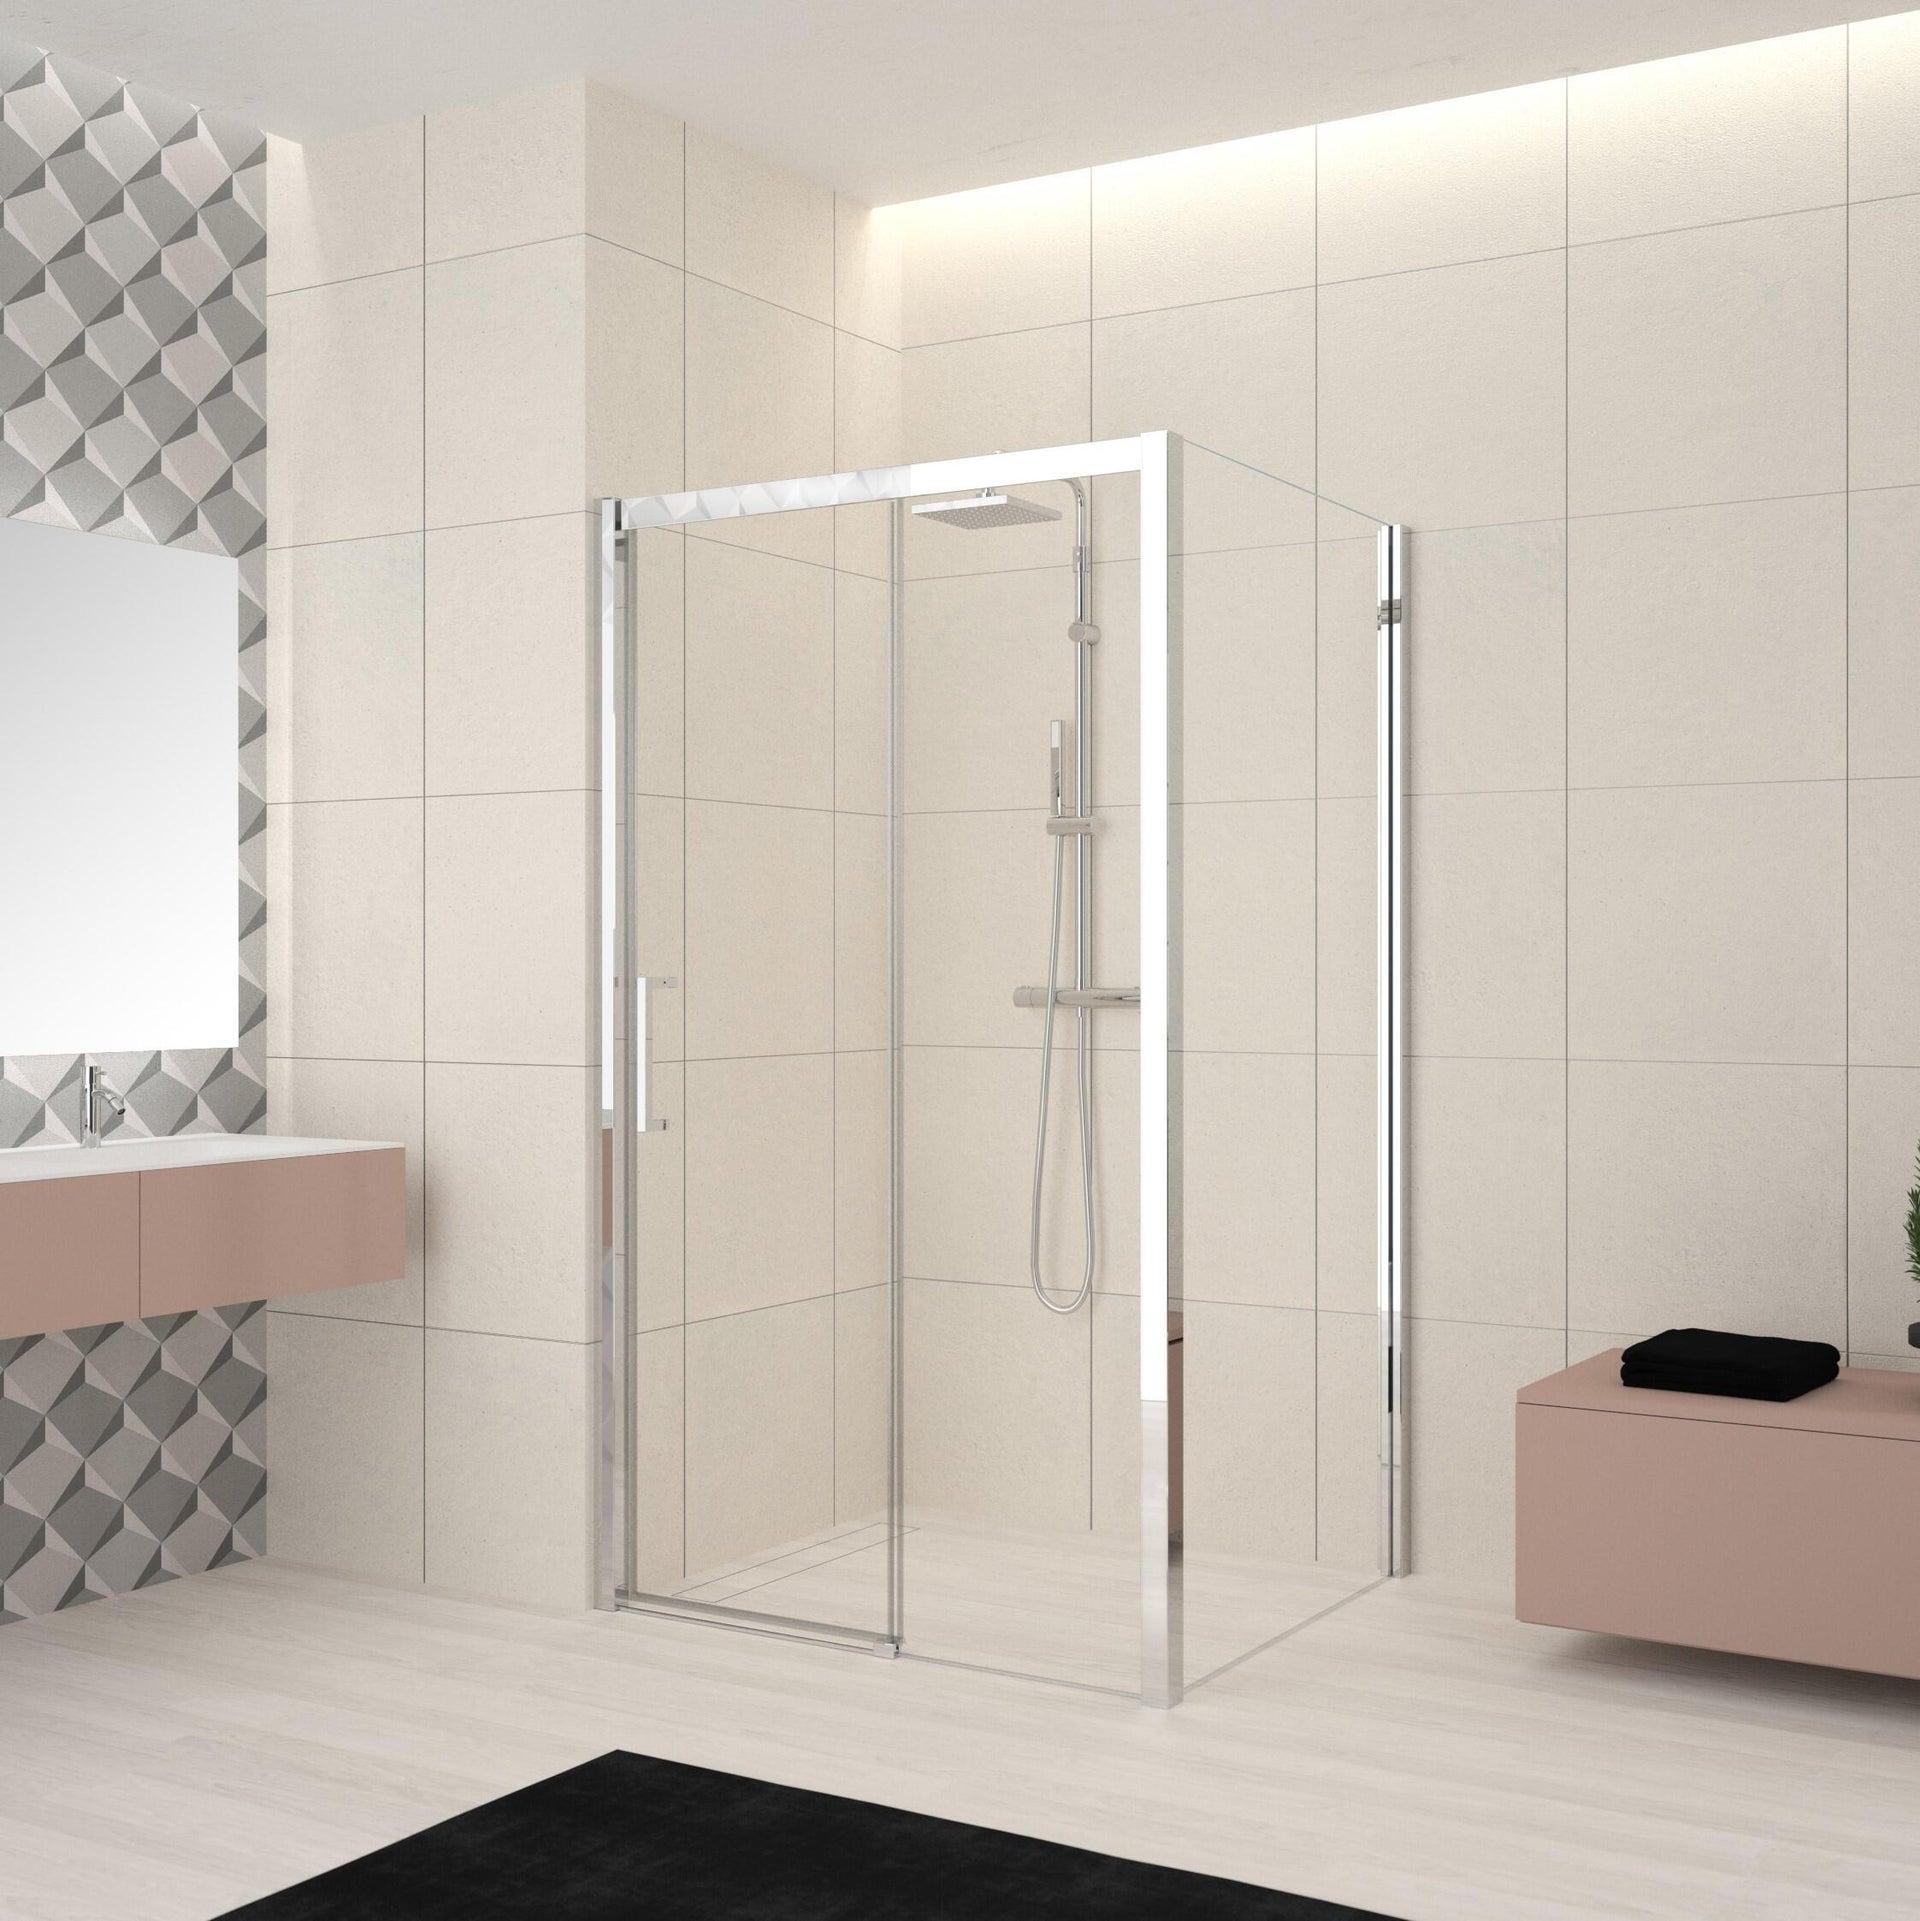 Box doccia angolare porta scorrevole e lato fisso rettangolare Lead 140 x 80 cm, H 200 cm in vetro temprato, spessore 8 mm trasparente cromato